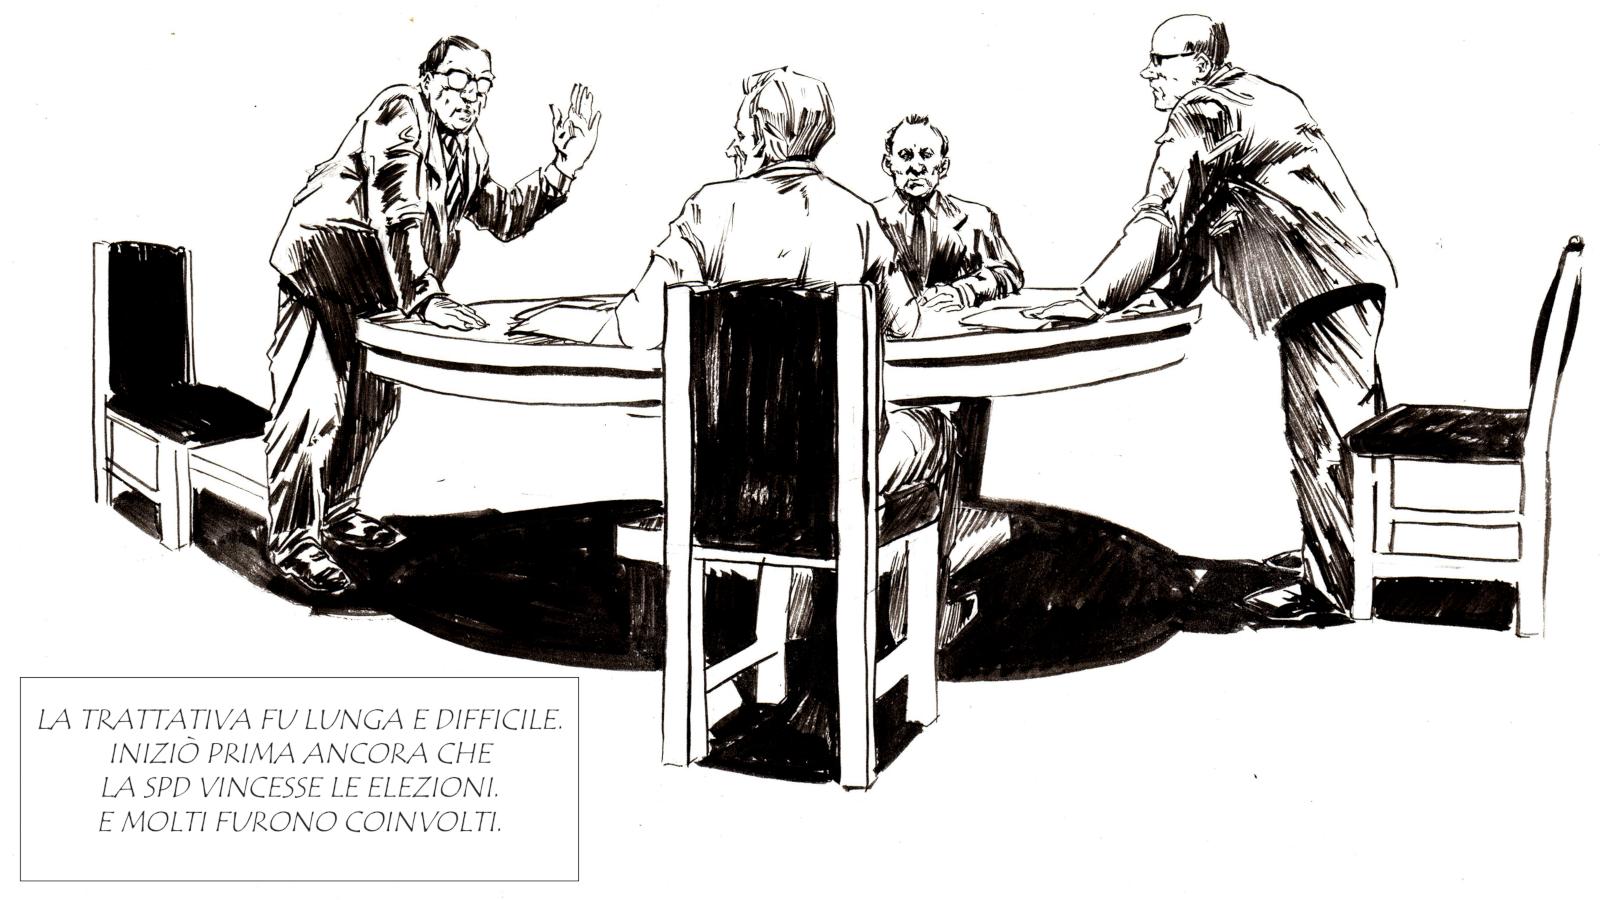 Il tavolo delle trattative con la Polonia e i molti uomini che vi lavorarono: oltre a Egon Bahr, Paul Frank, Georg Ferdinand Duckwitz e Józef Marja Winiewicz.